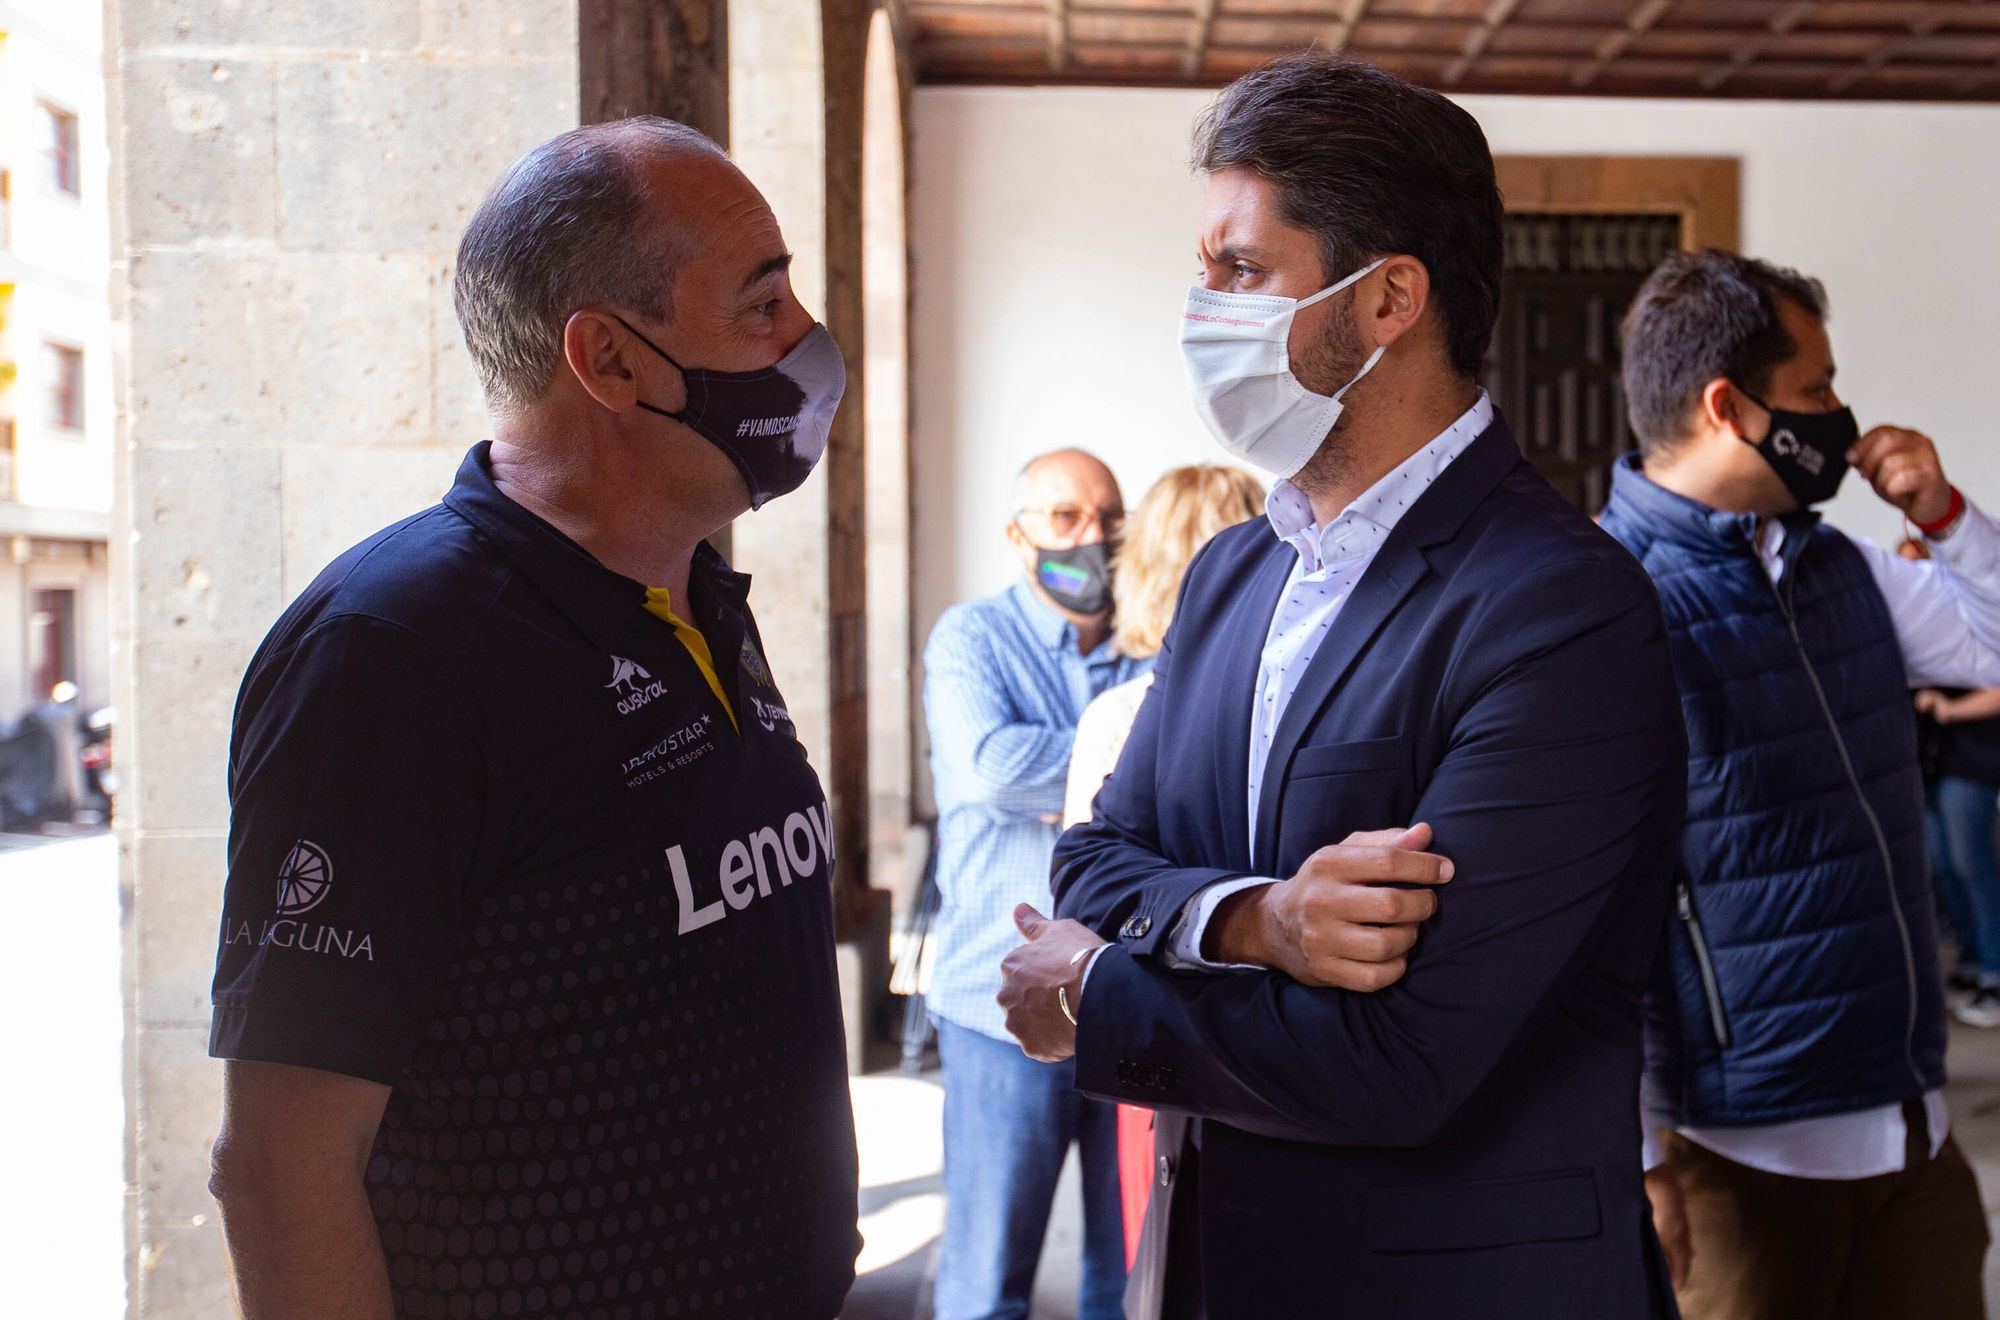 El alcalde de La Laguna, Luis Yeray Gutiérrez, recibe a la plantilla del CB Lenovo